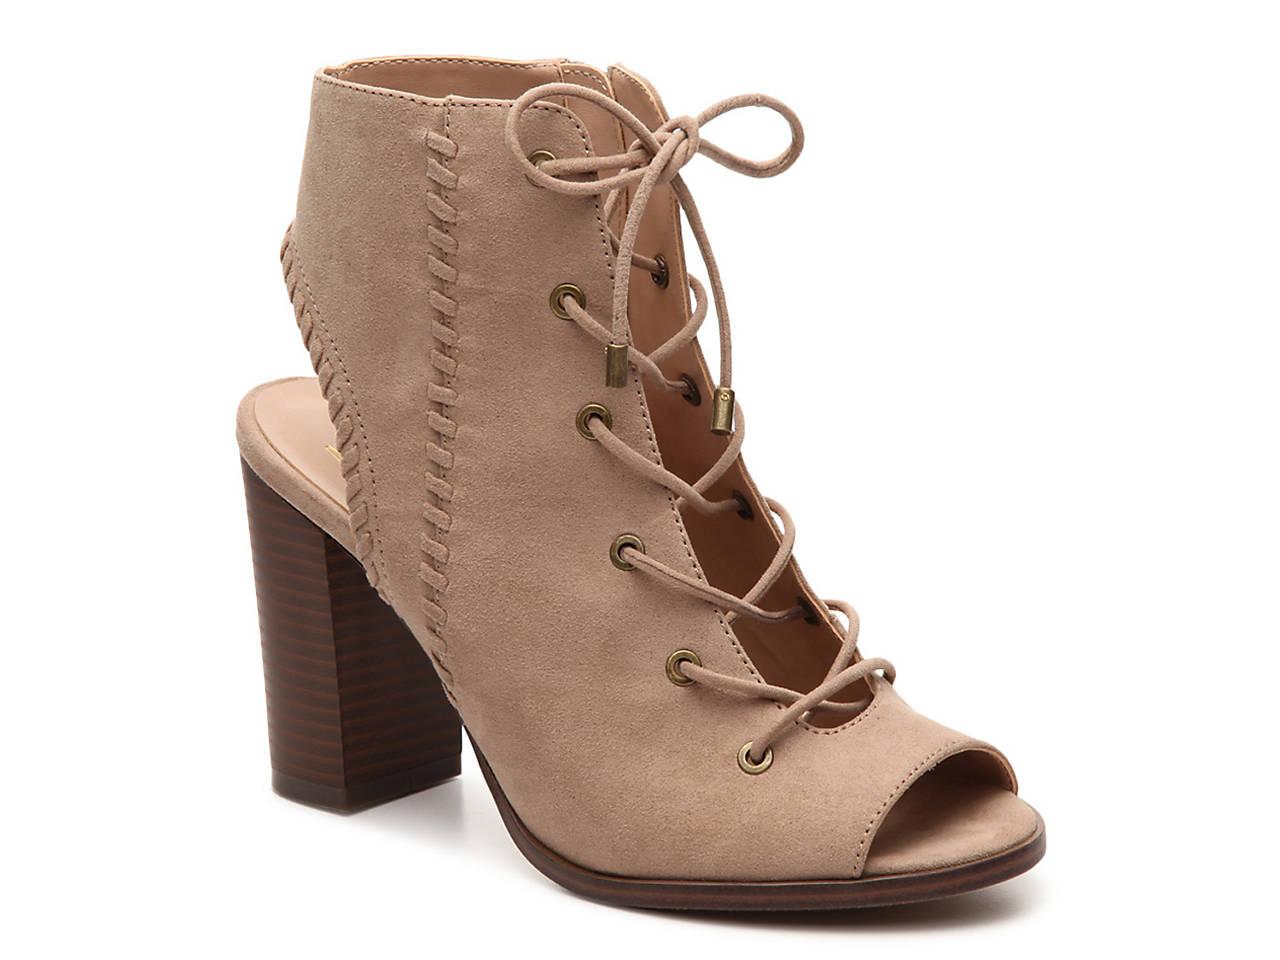 Women's Combat & Lace-Up Boots   DSW